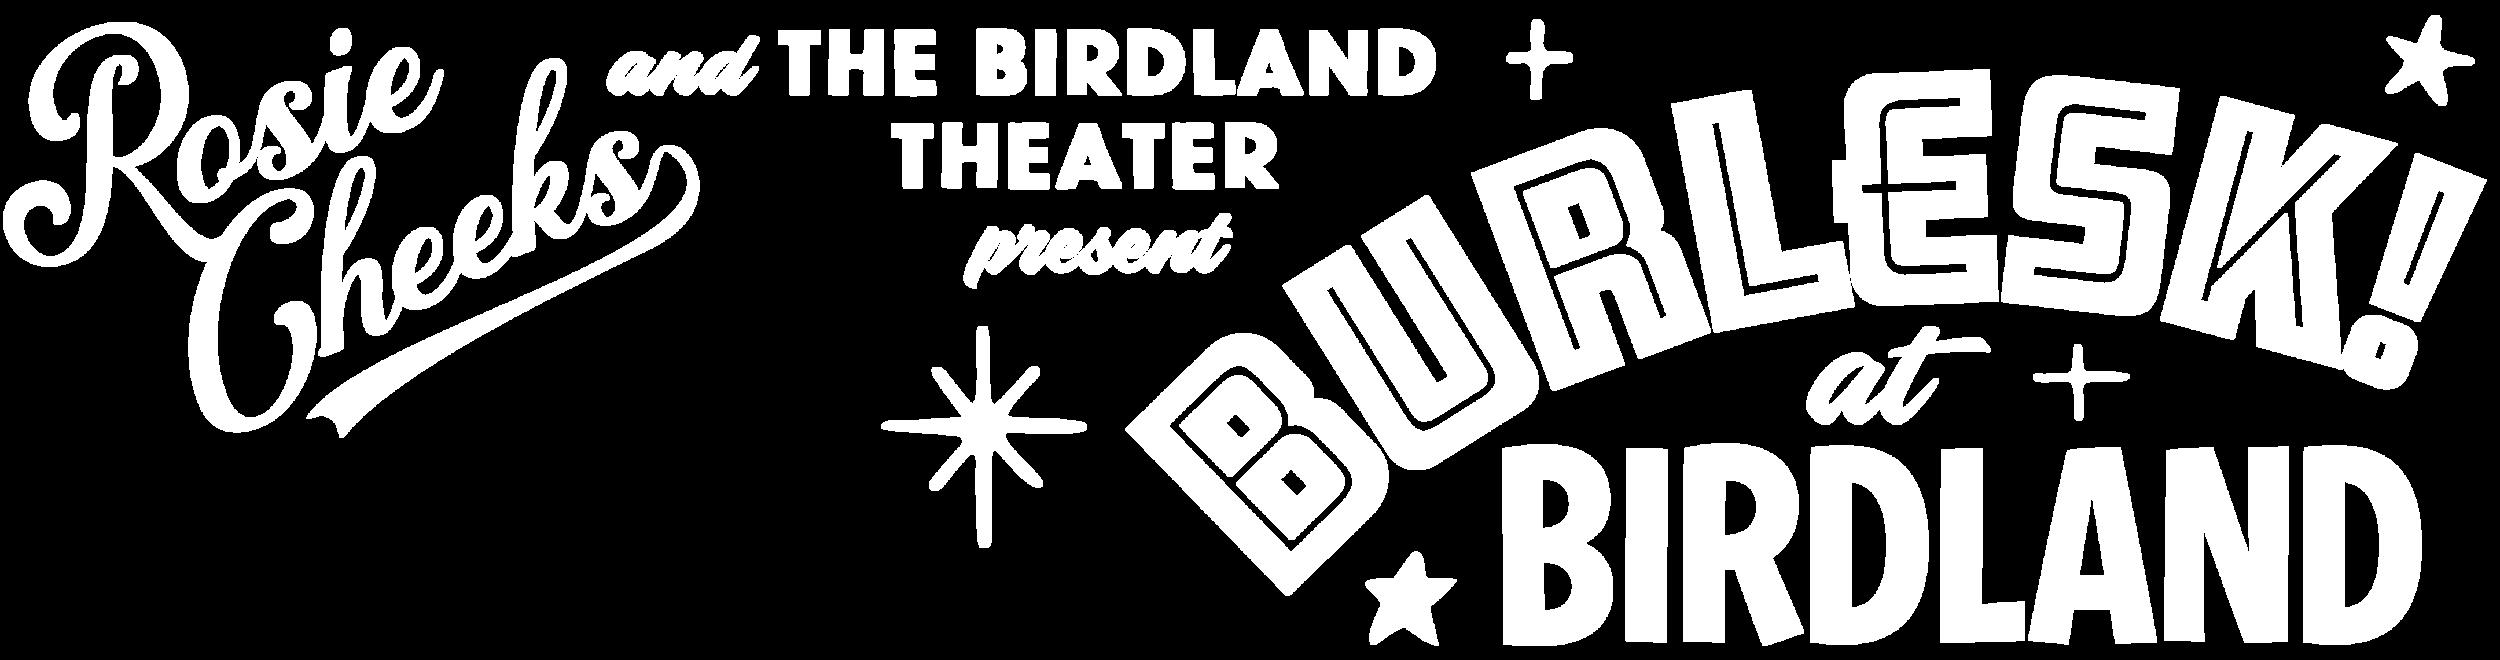 burlesk_logo_full.png